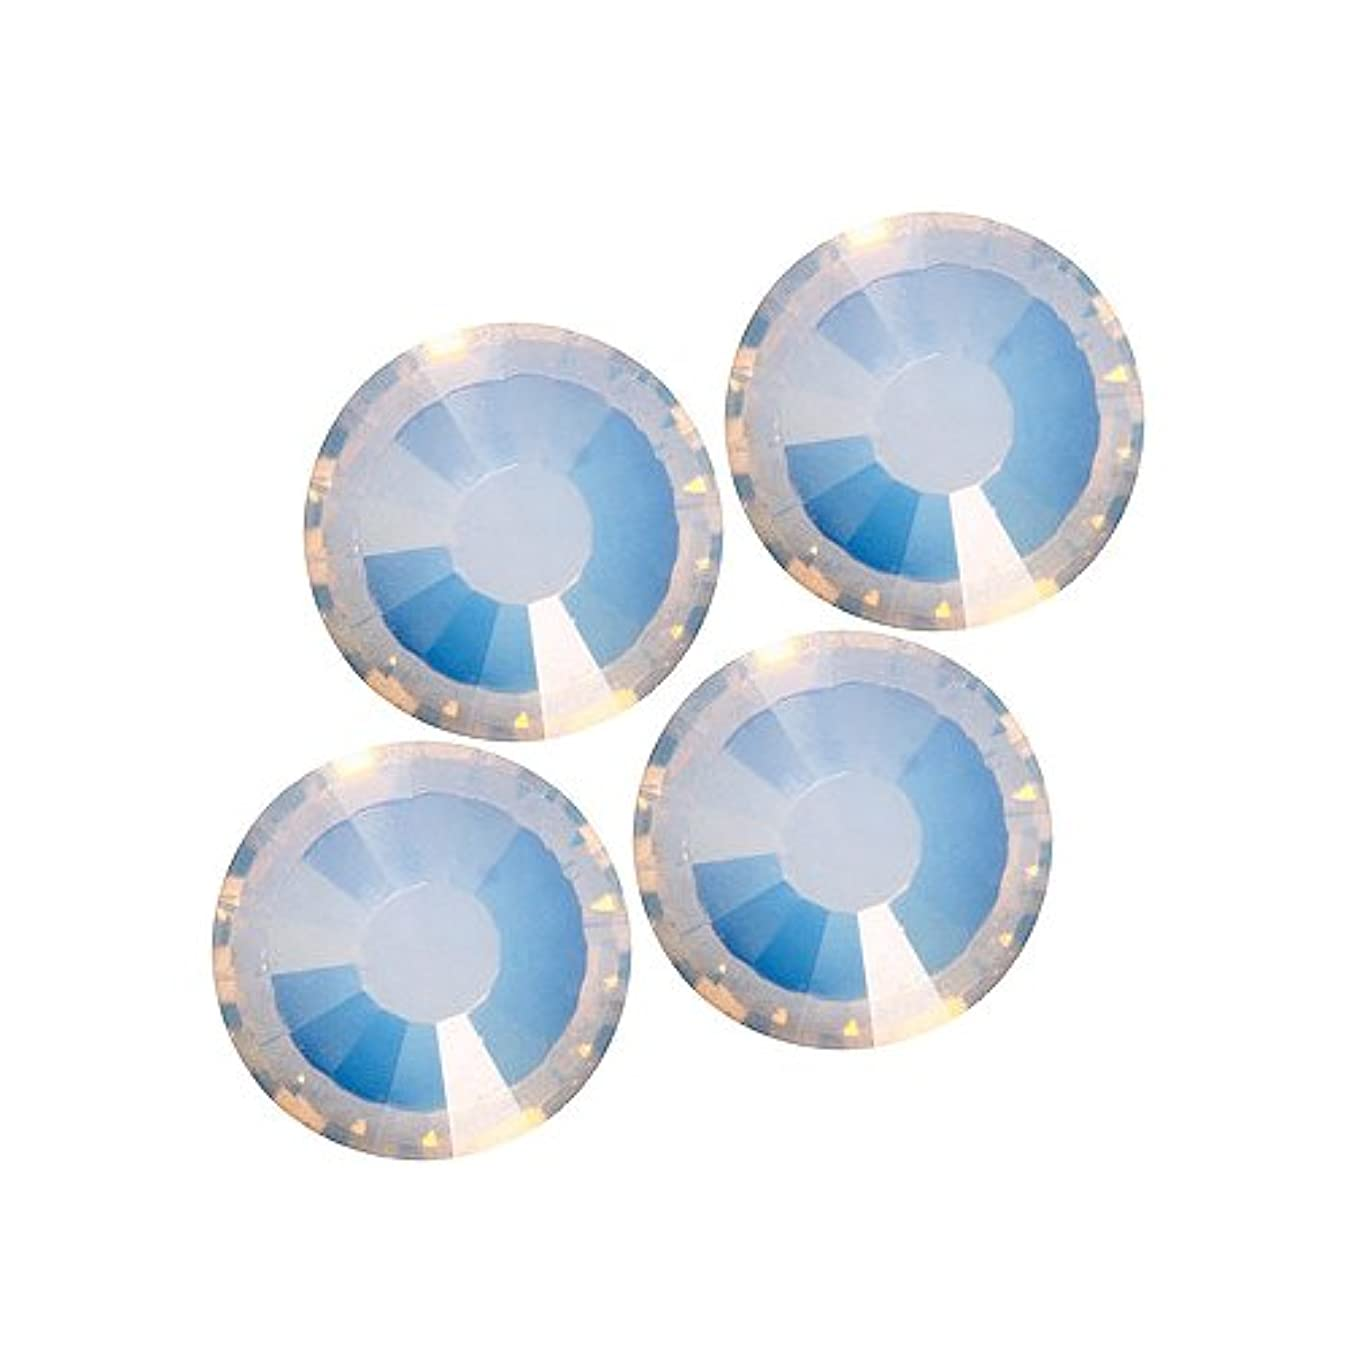 知恵出席進化バイナル DIAMOND RHINESTONE ホワイトオパールSS8 1440粒 ST-SS8-WHO-10G